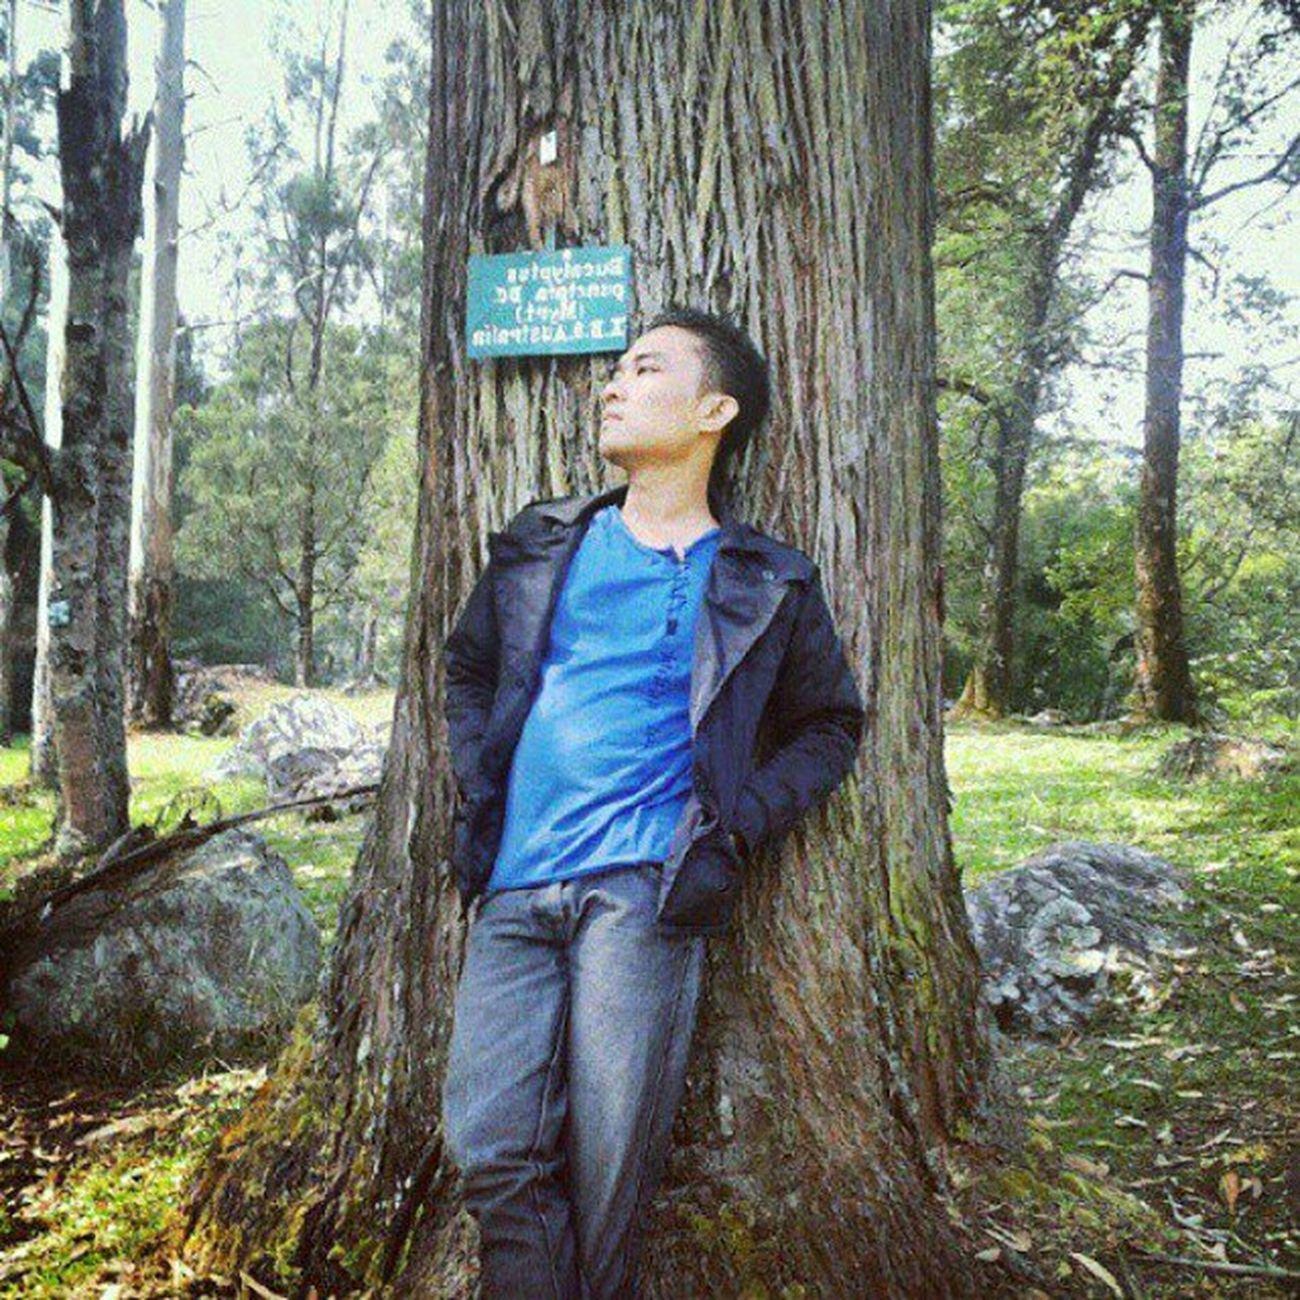 Latepost Kamerahpgue Asianboy Ikece hangout